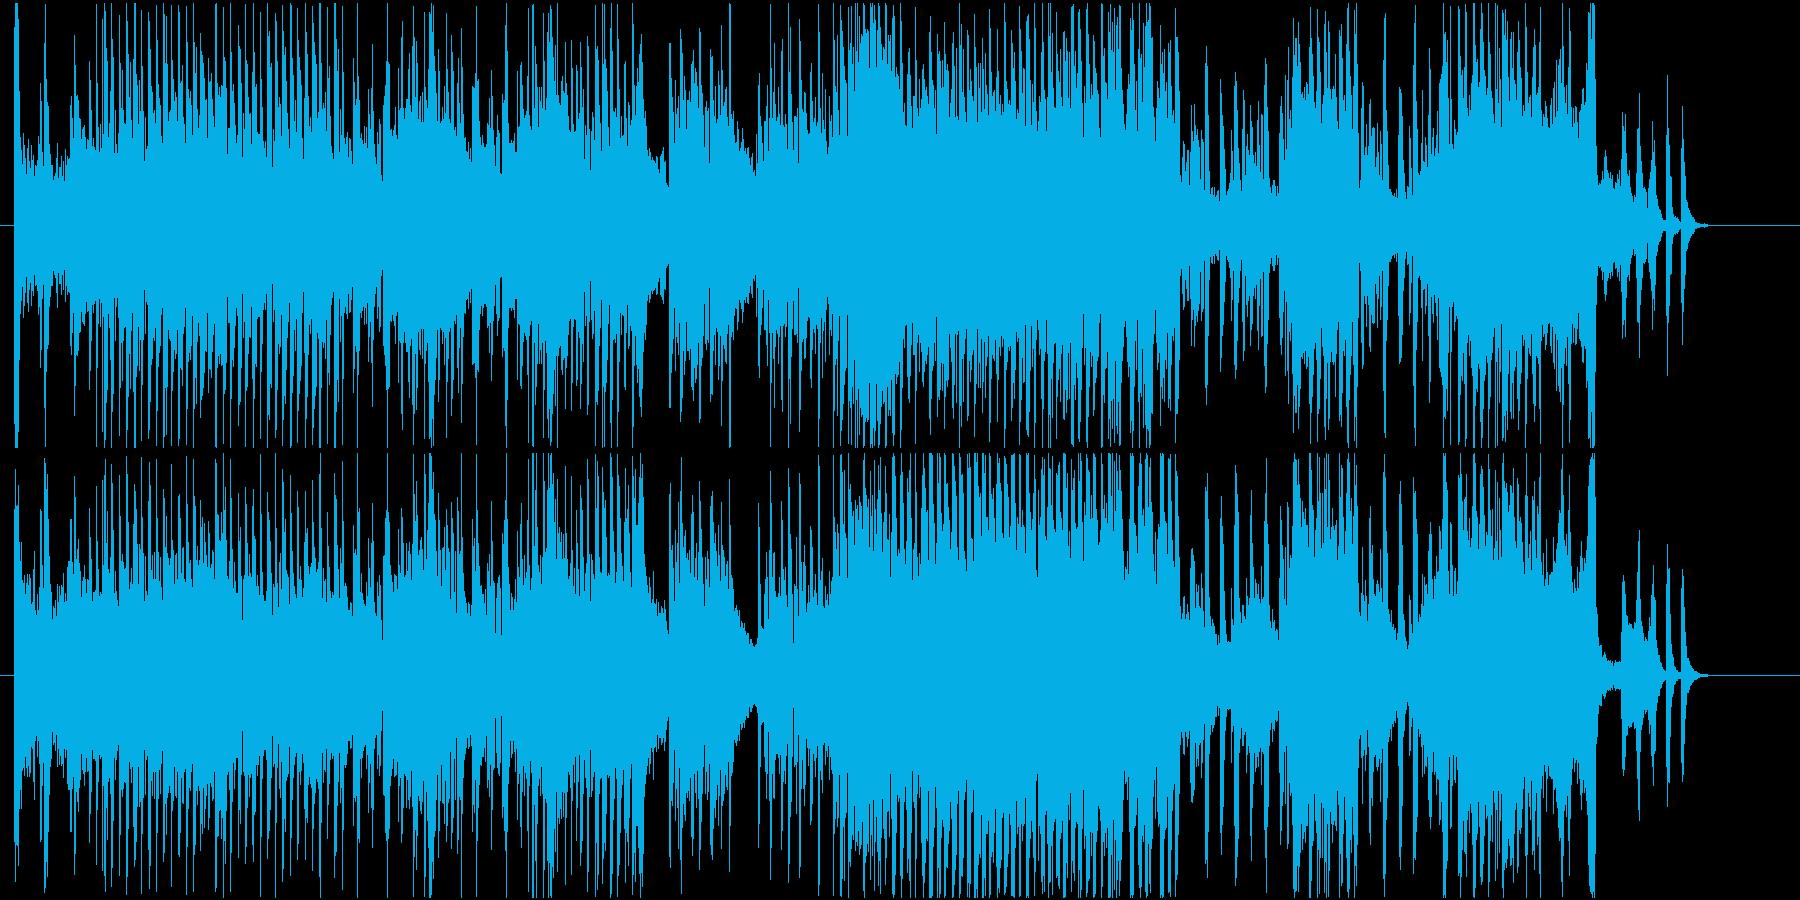 運動会・レースゲーム・競技用のBGMの再生済みの波形